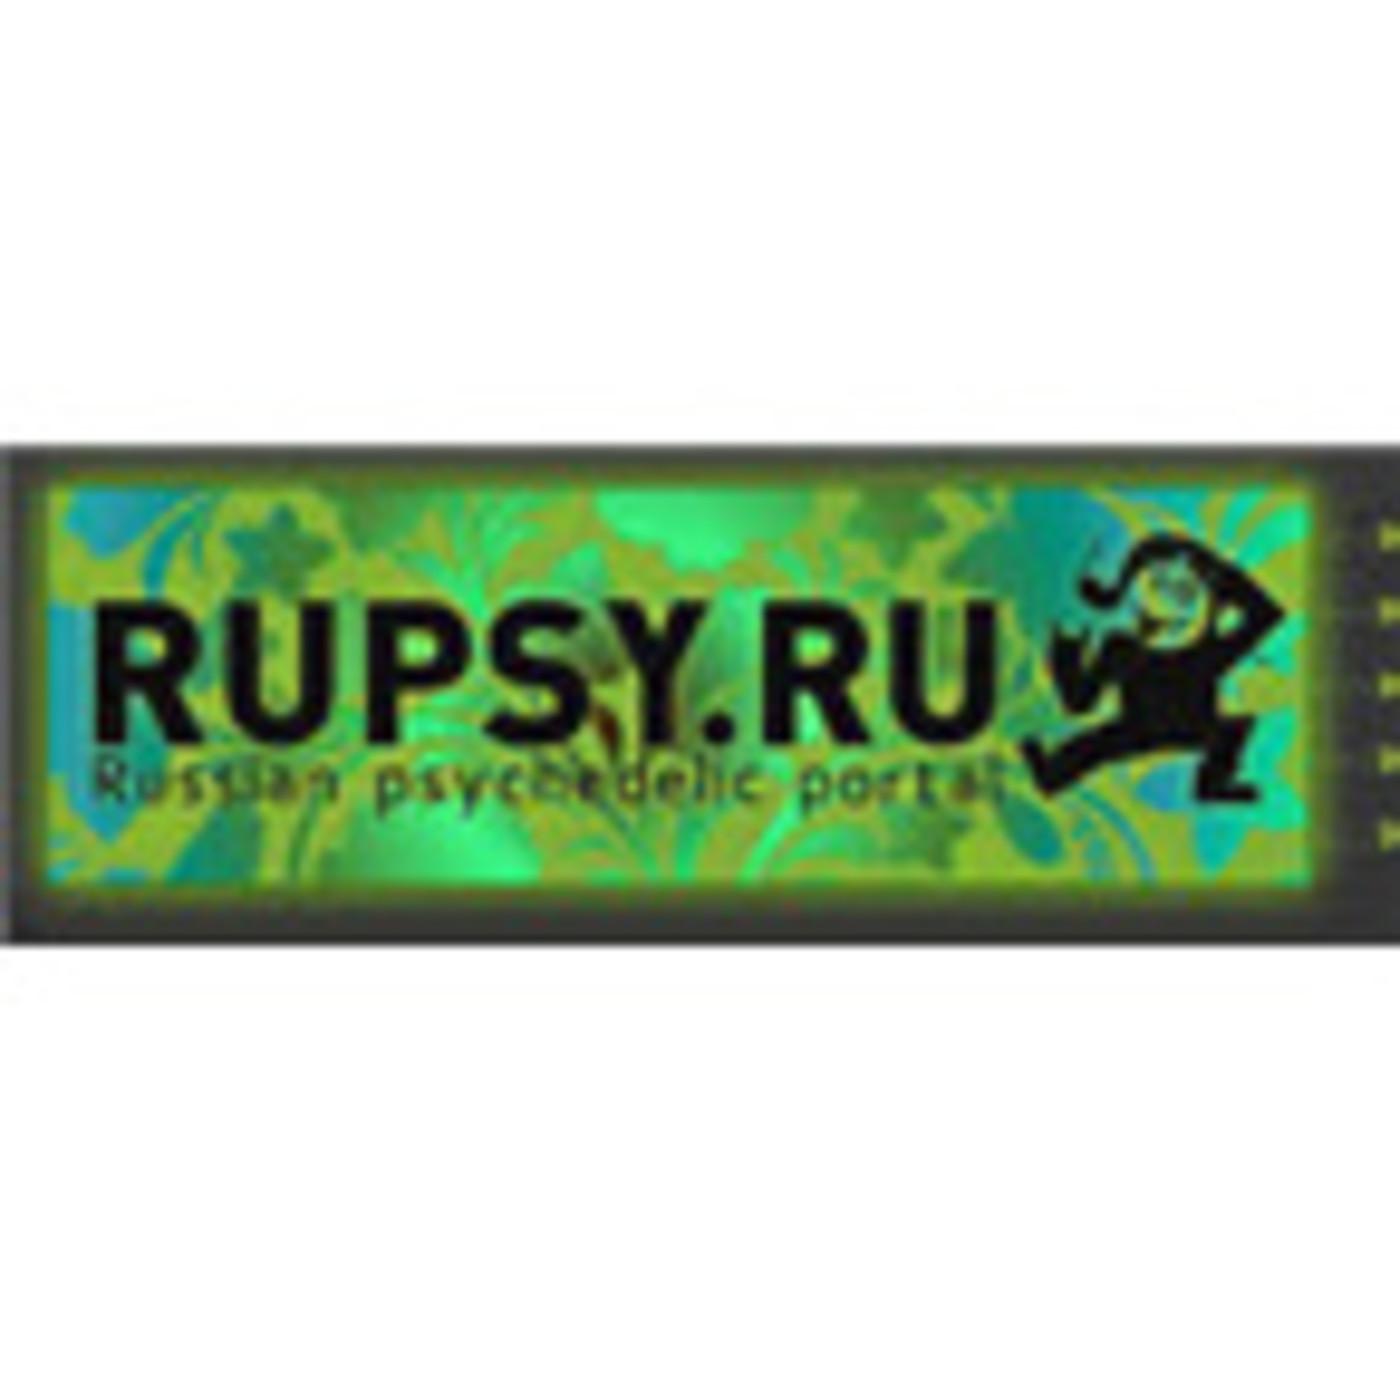 rupsy.ru - Dark Psy / Forest / Psycore